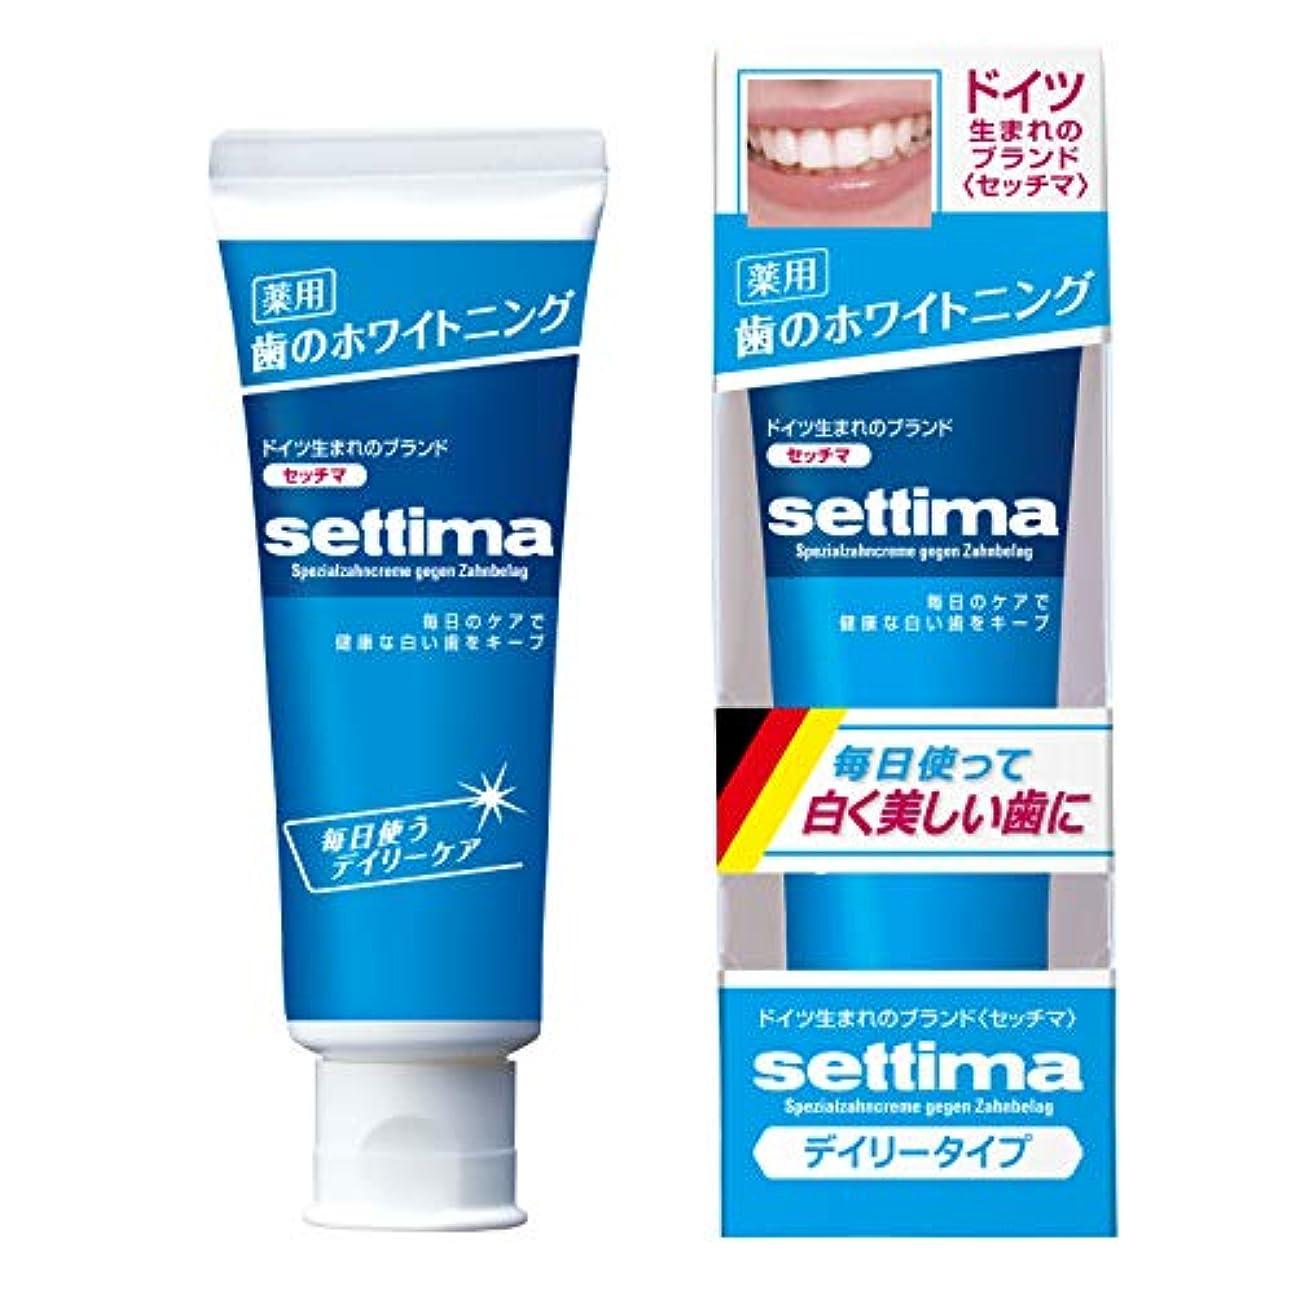 つま先バイオレットキリストsettima(セッチマ) ホワイトニング 歯みがき デイリーケア [ファインミントタイプ]  80g